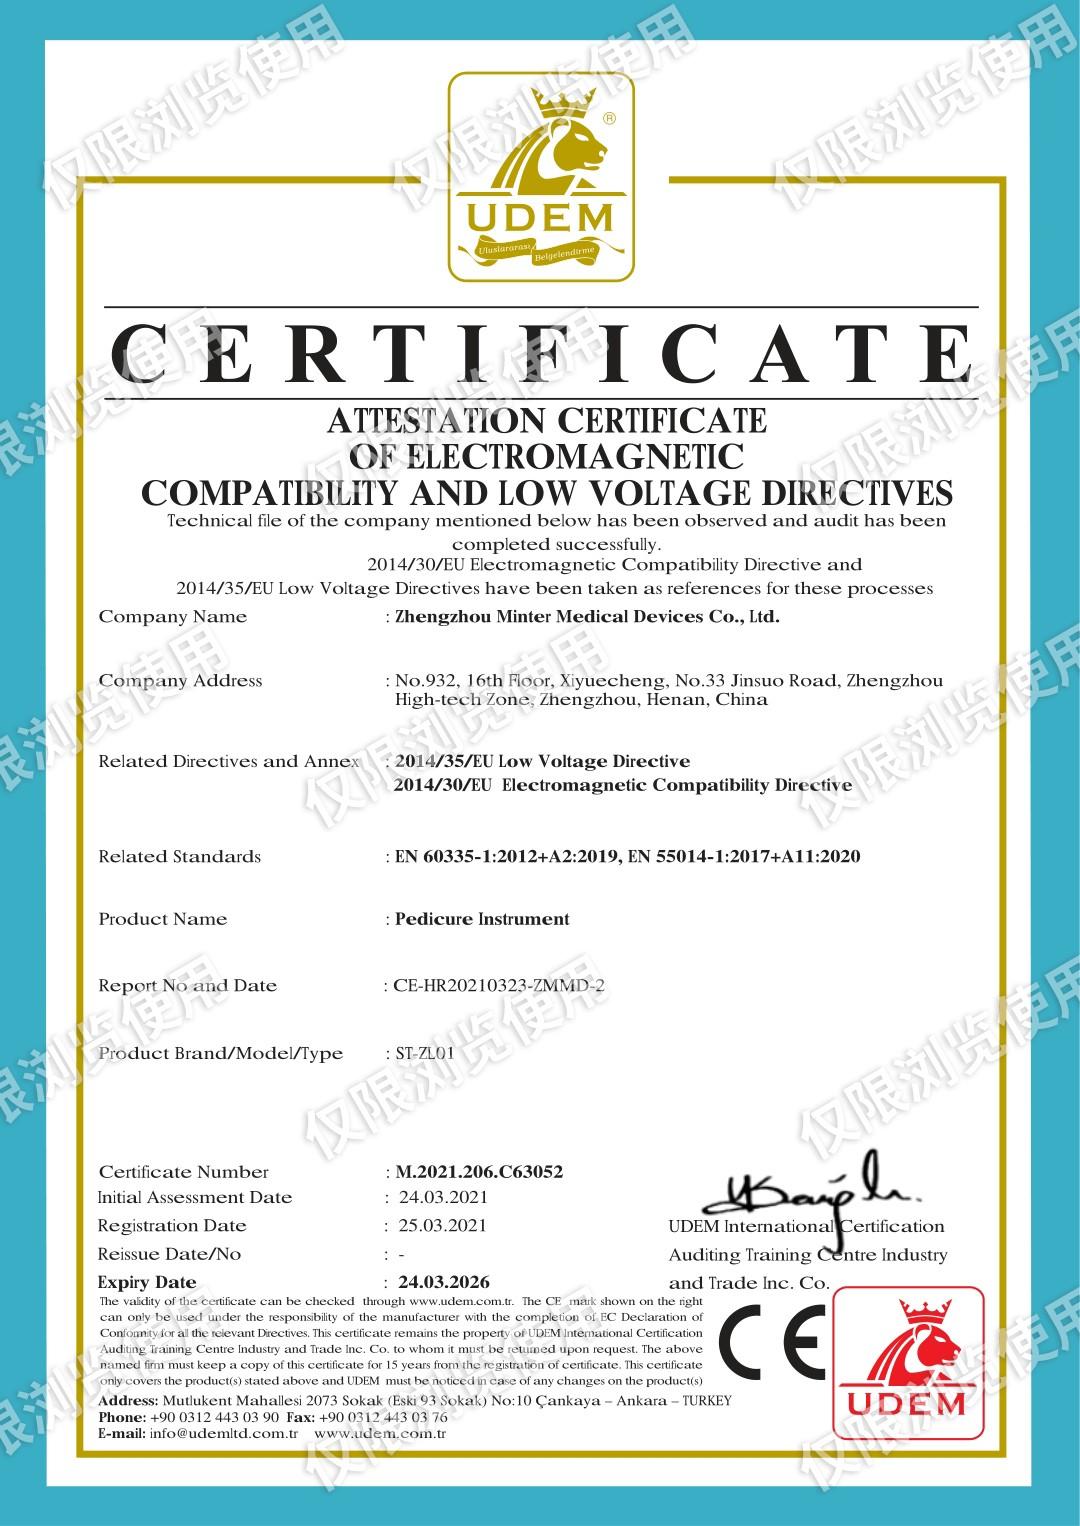 热烈祝贺!乐天堂国际网上医疗产品顺利通过CE认证并取得证书